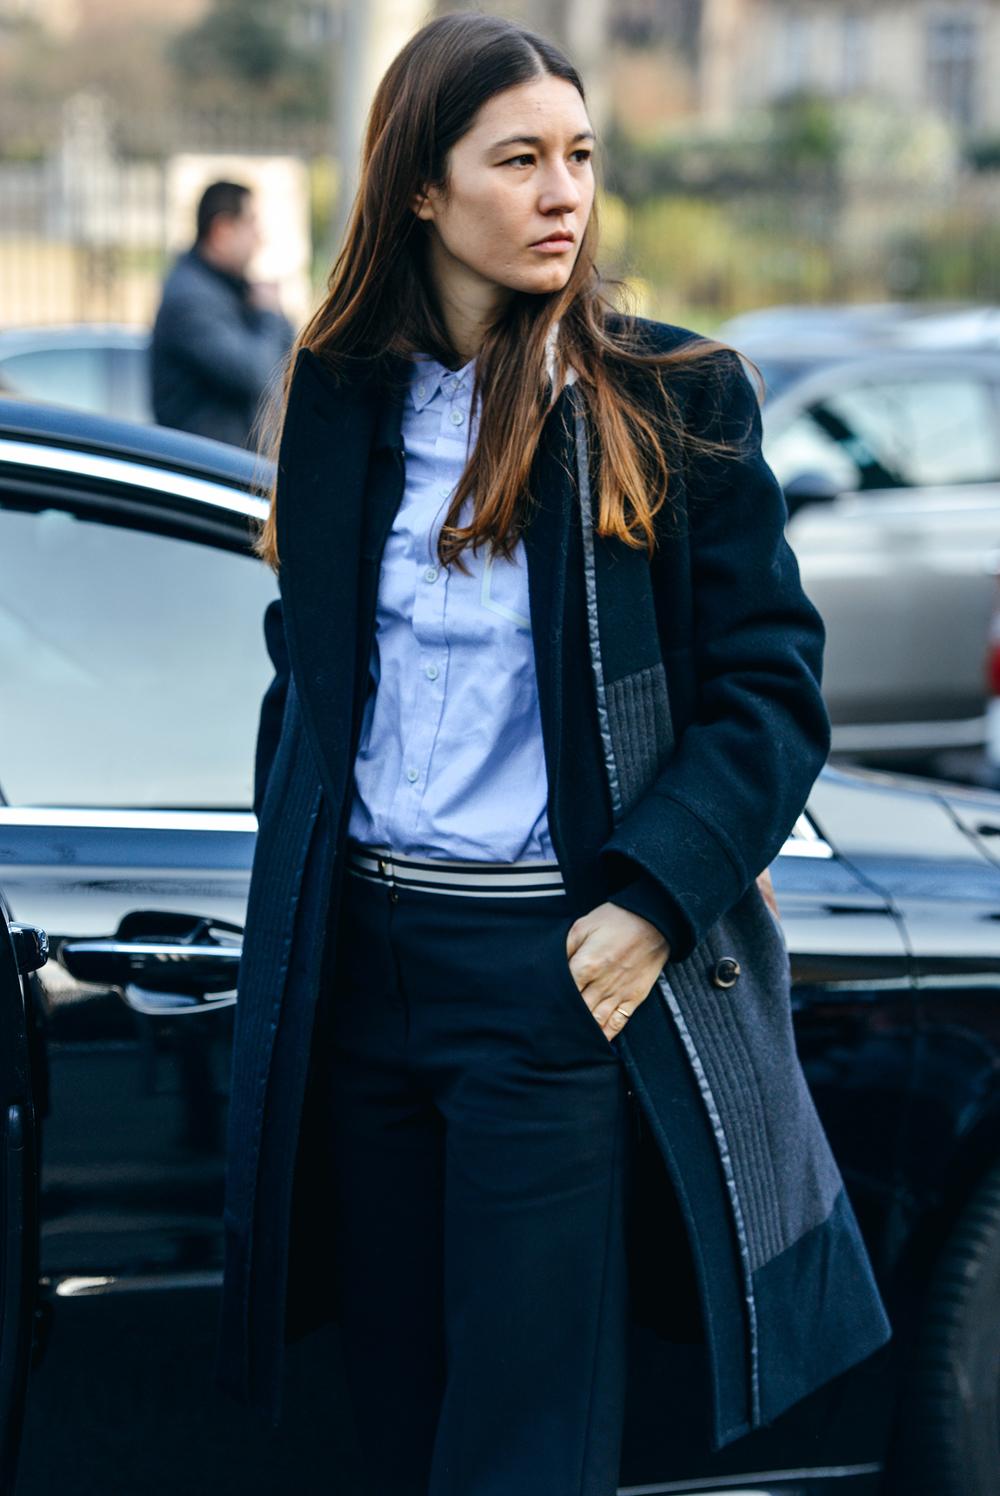 15-tommy-ton-fall-2015-menswear-street-style-020.jpg